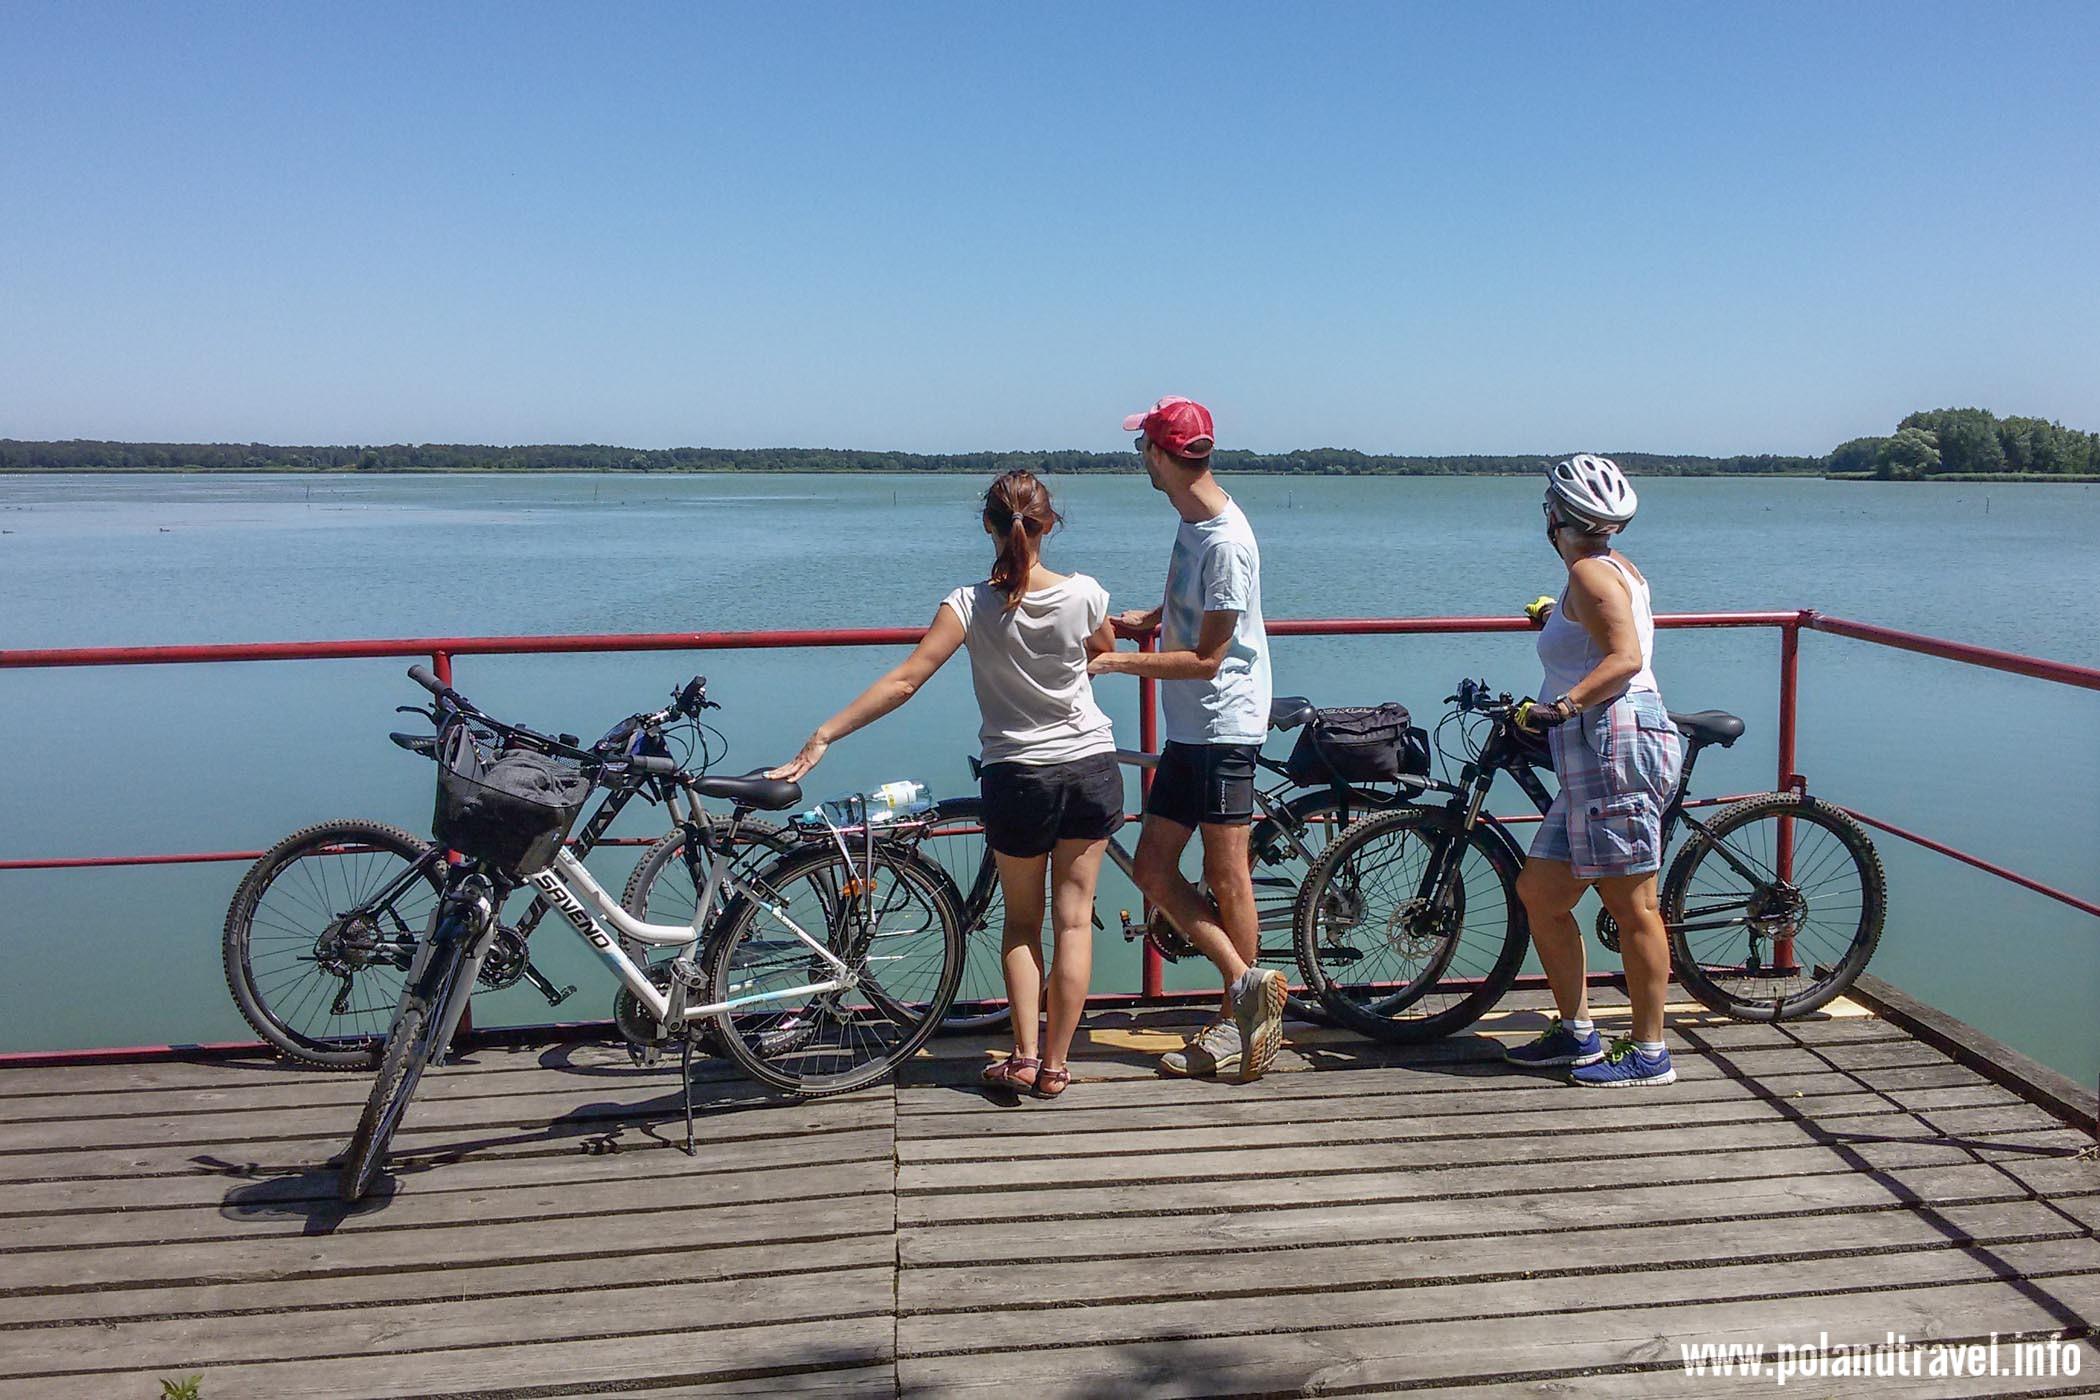 Trójka stojących rowerzystów z pojazdami przy barierce nad rozległym stawem